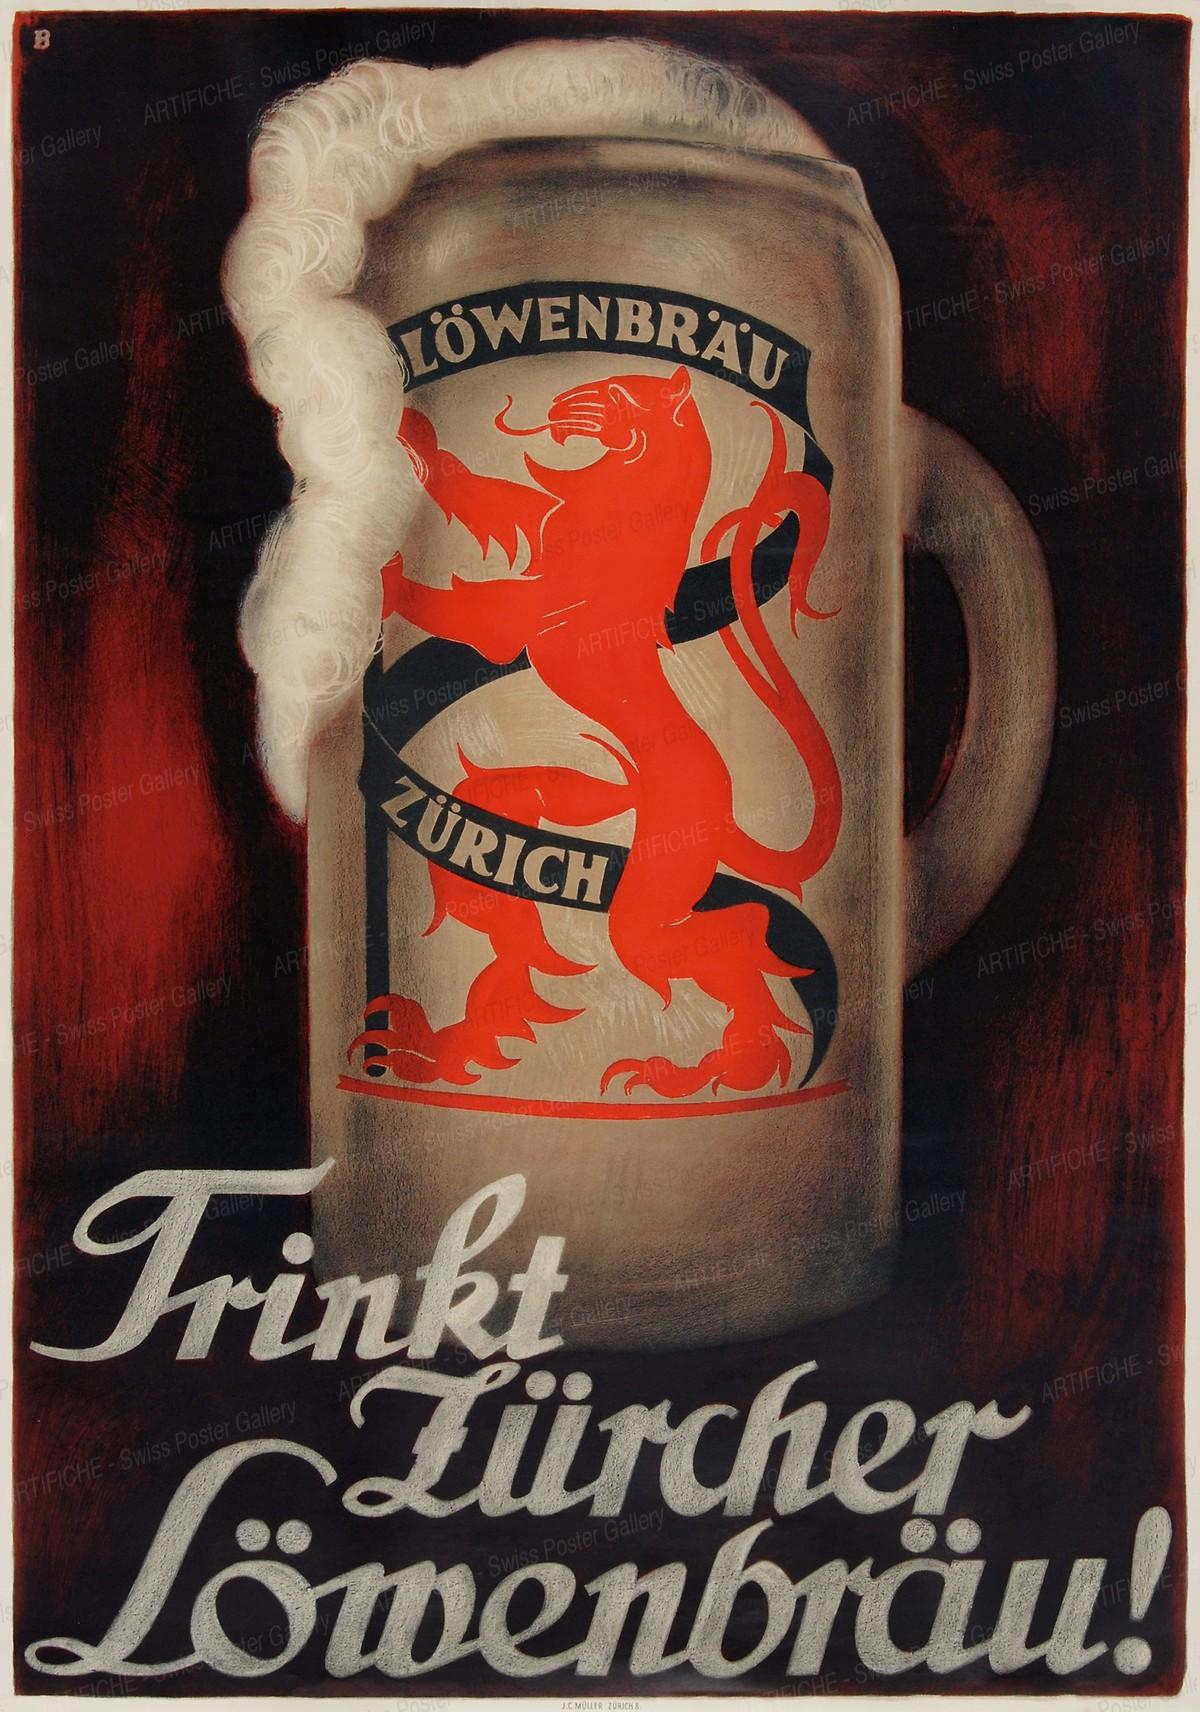 Lowenbrau Zurich Beer, Otto Baumberger